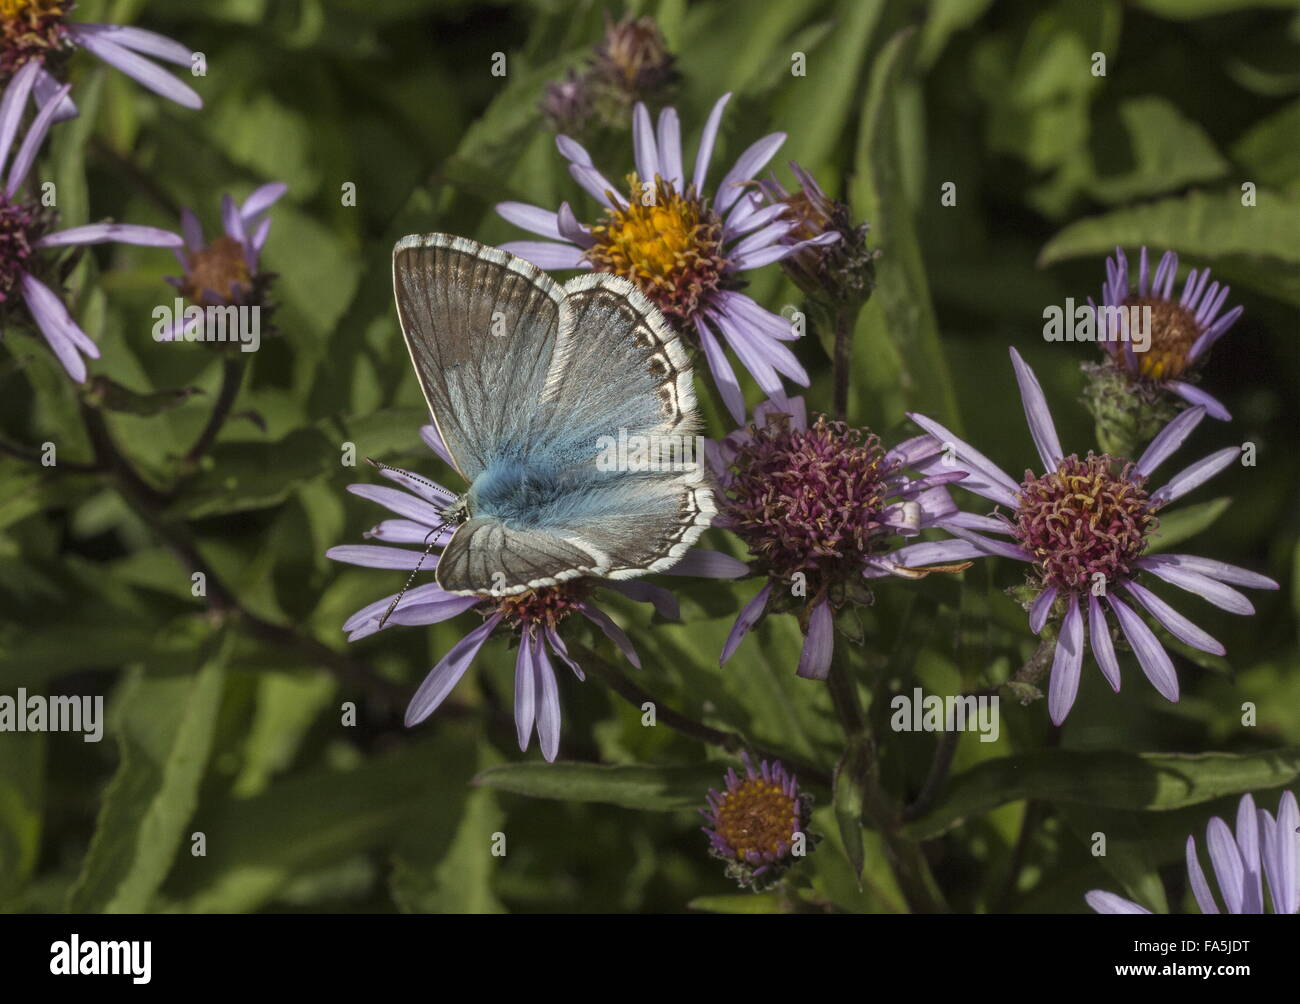 Chalk-hill blue, Polyommatus coridon, on garden aster, Alps. - Stock Image